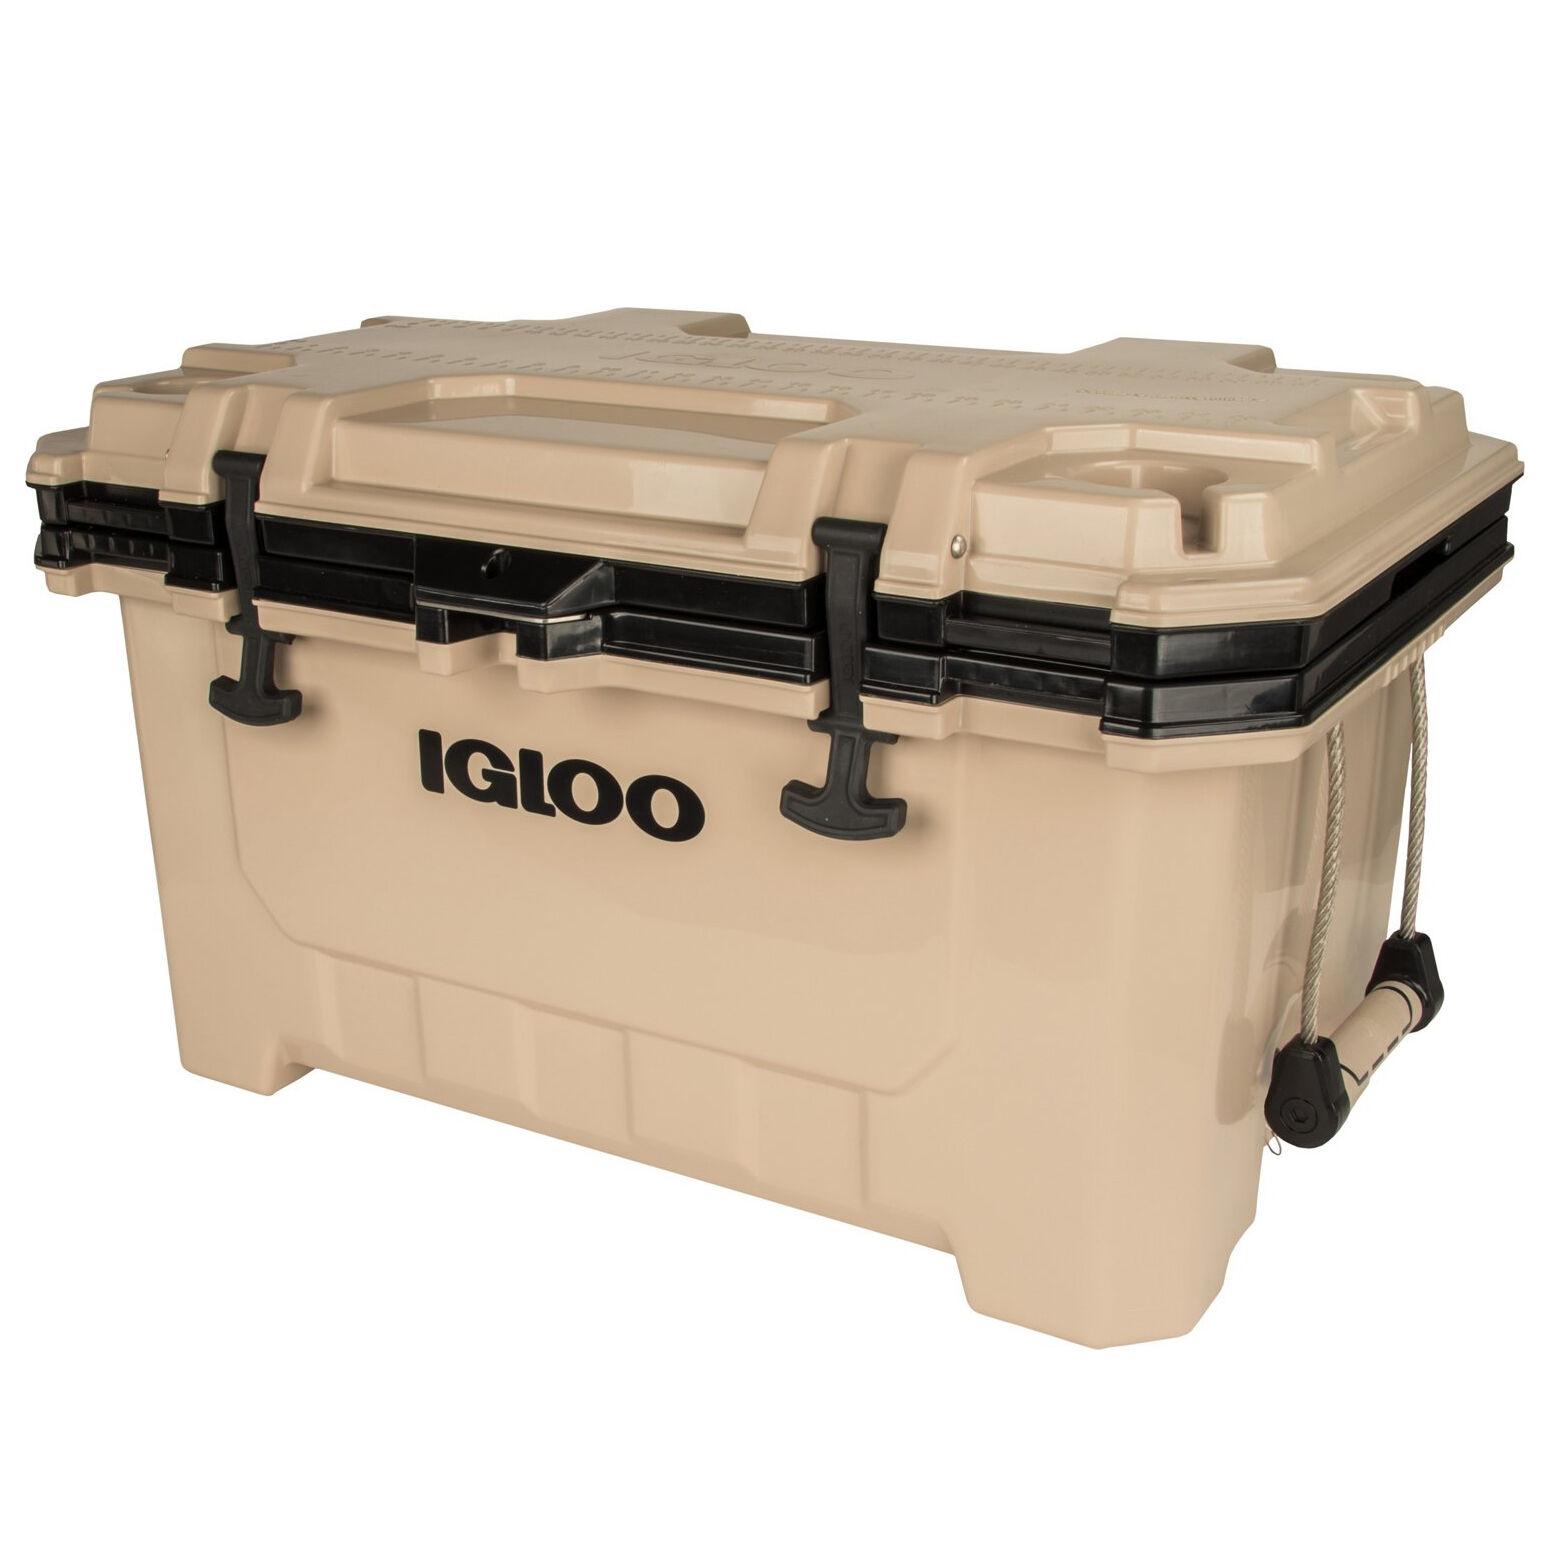 Igloo IMX 70-Qt. Cooler, Tan